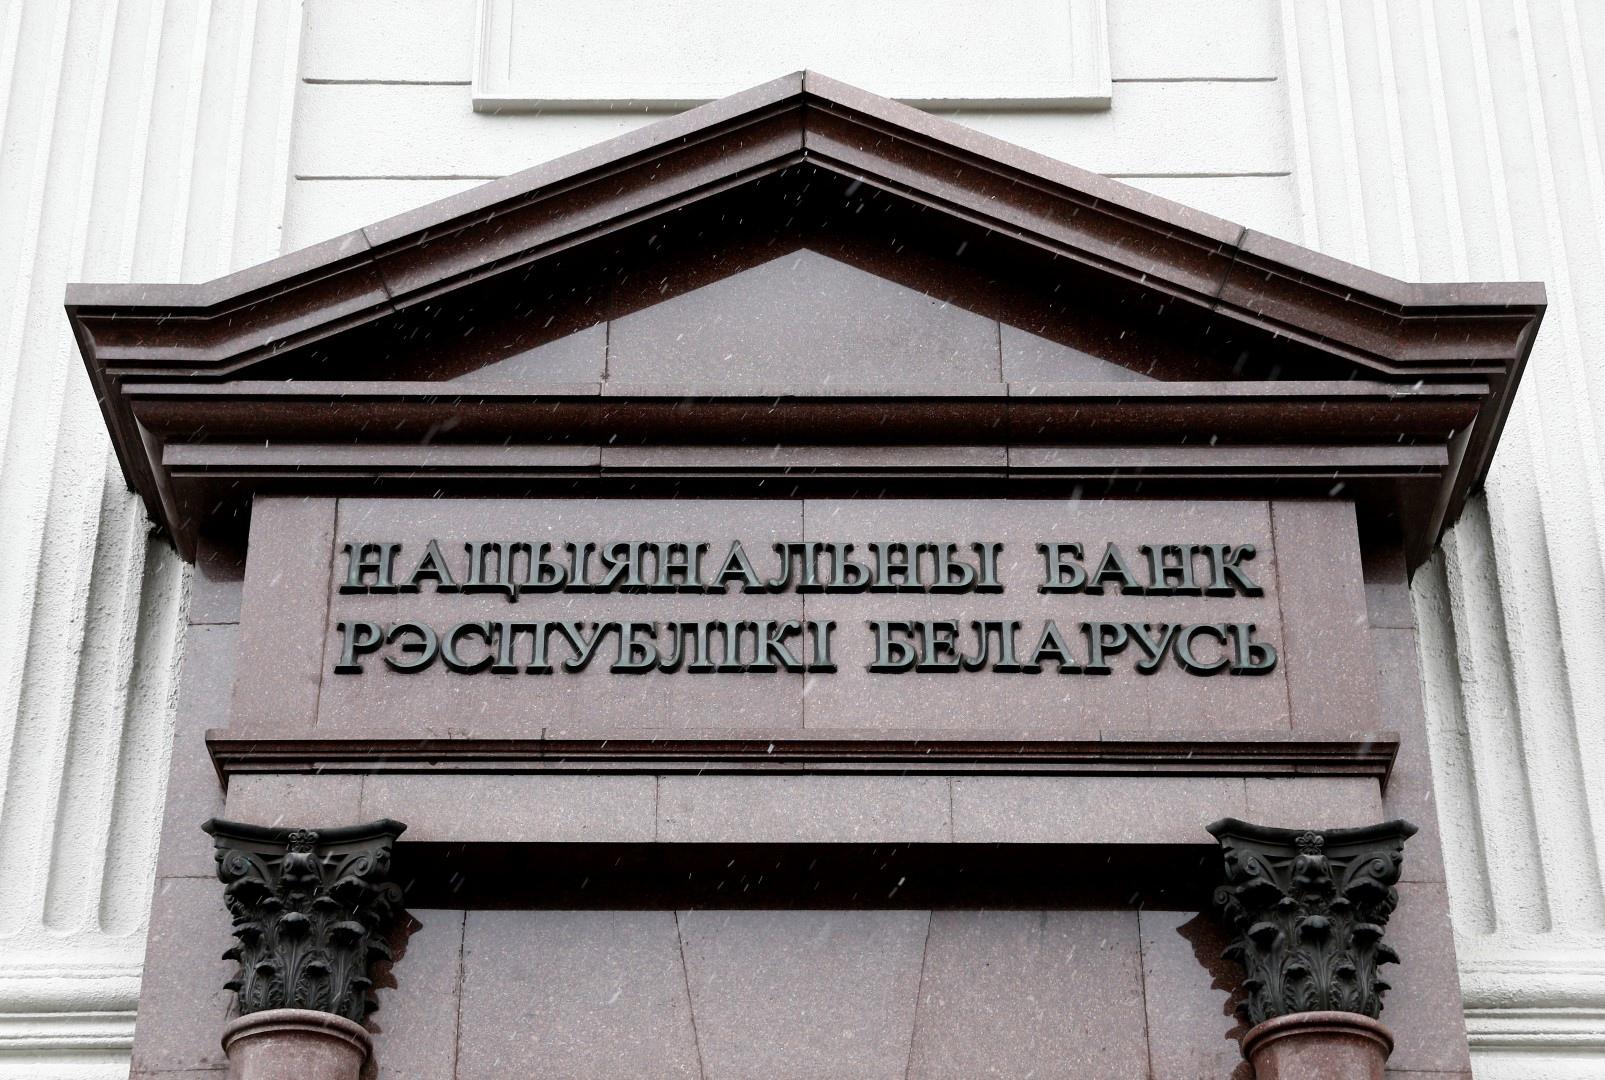 В Беларуси ставка рефинансирования повышается до 8,5% годовых